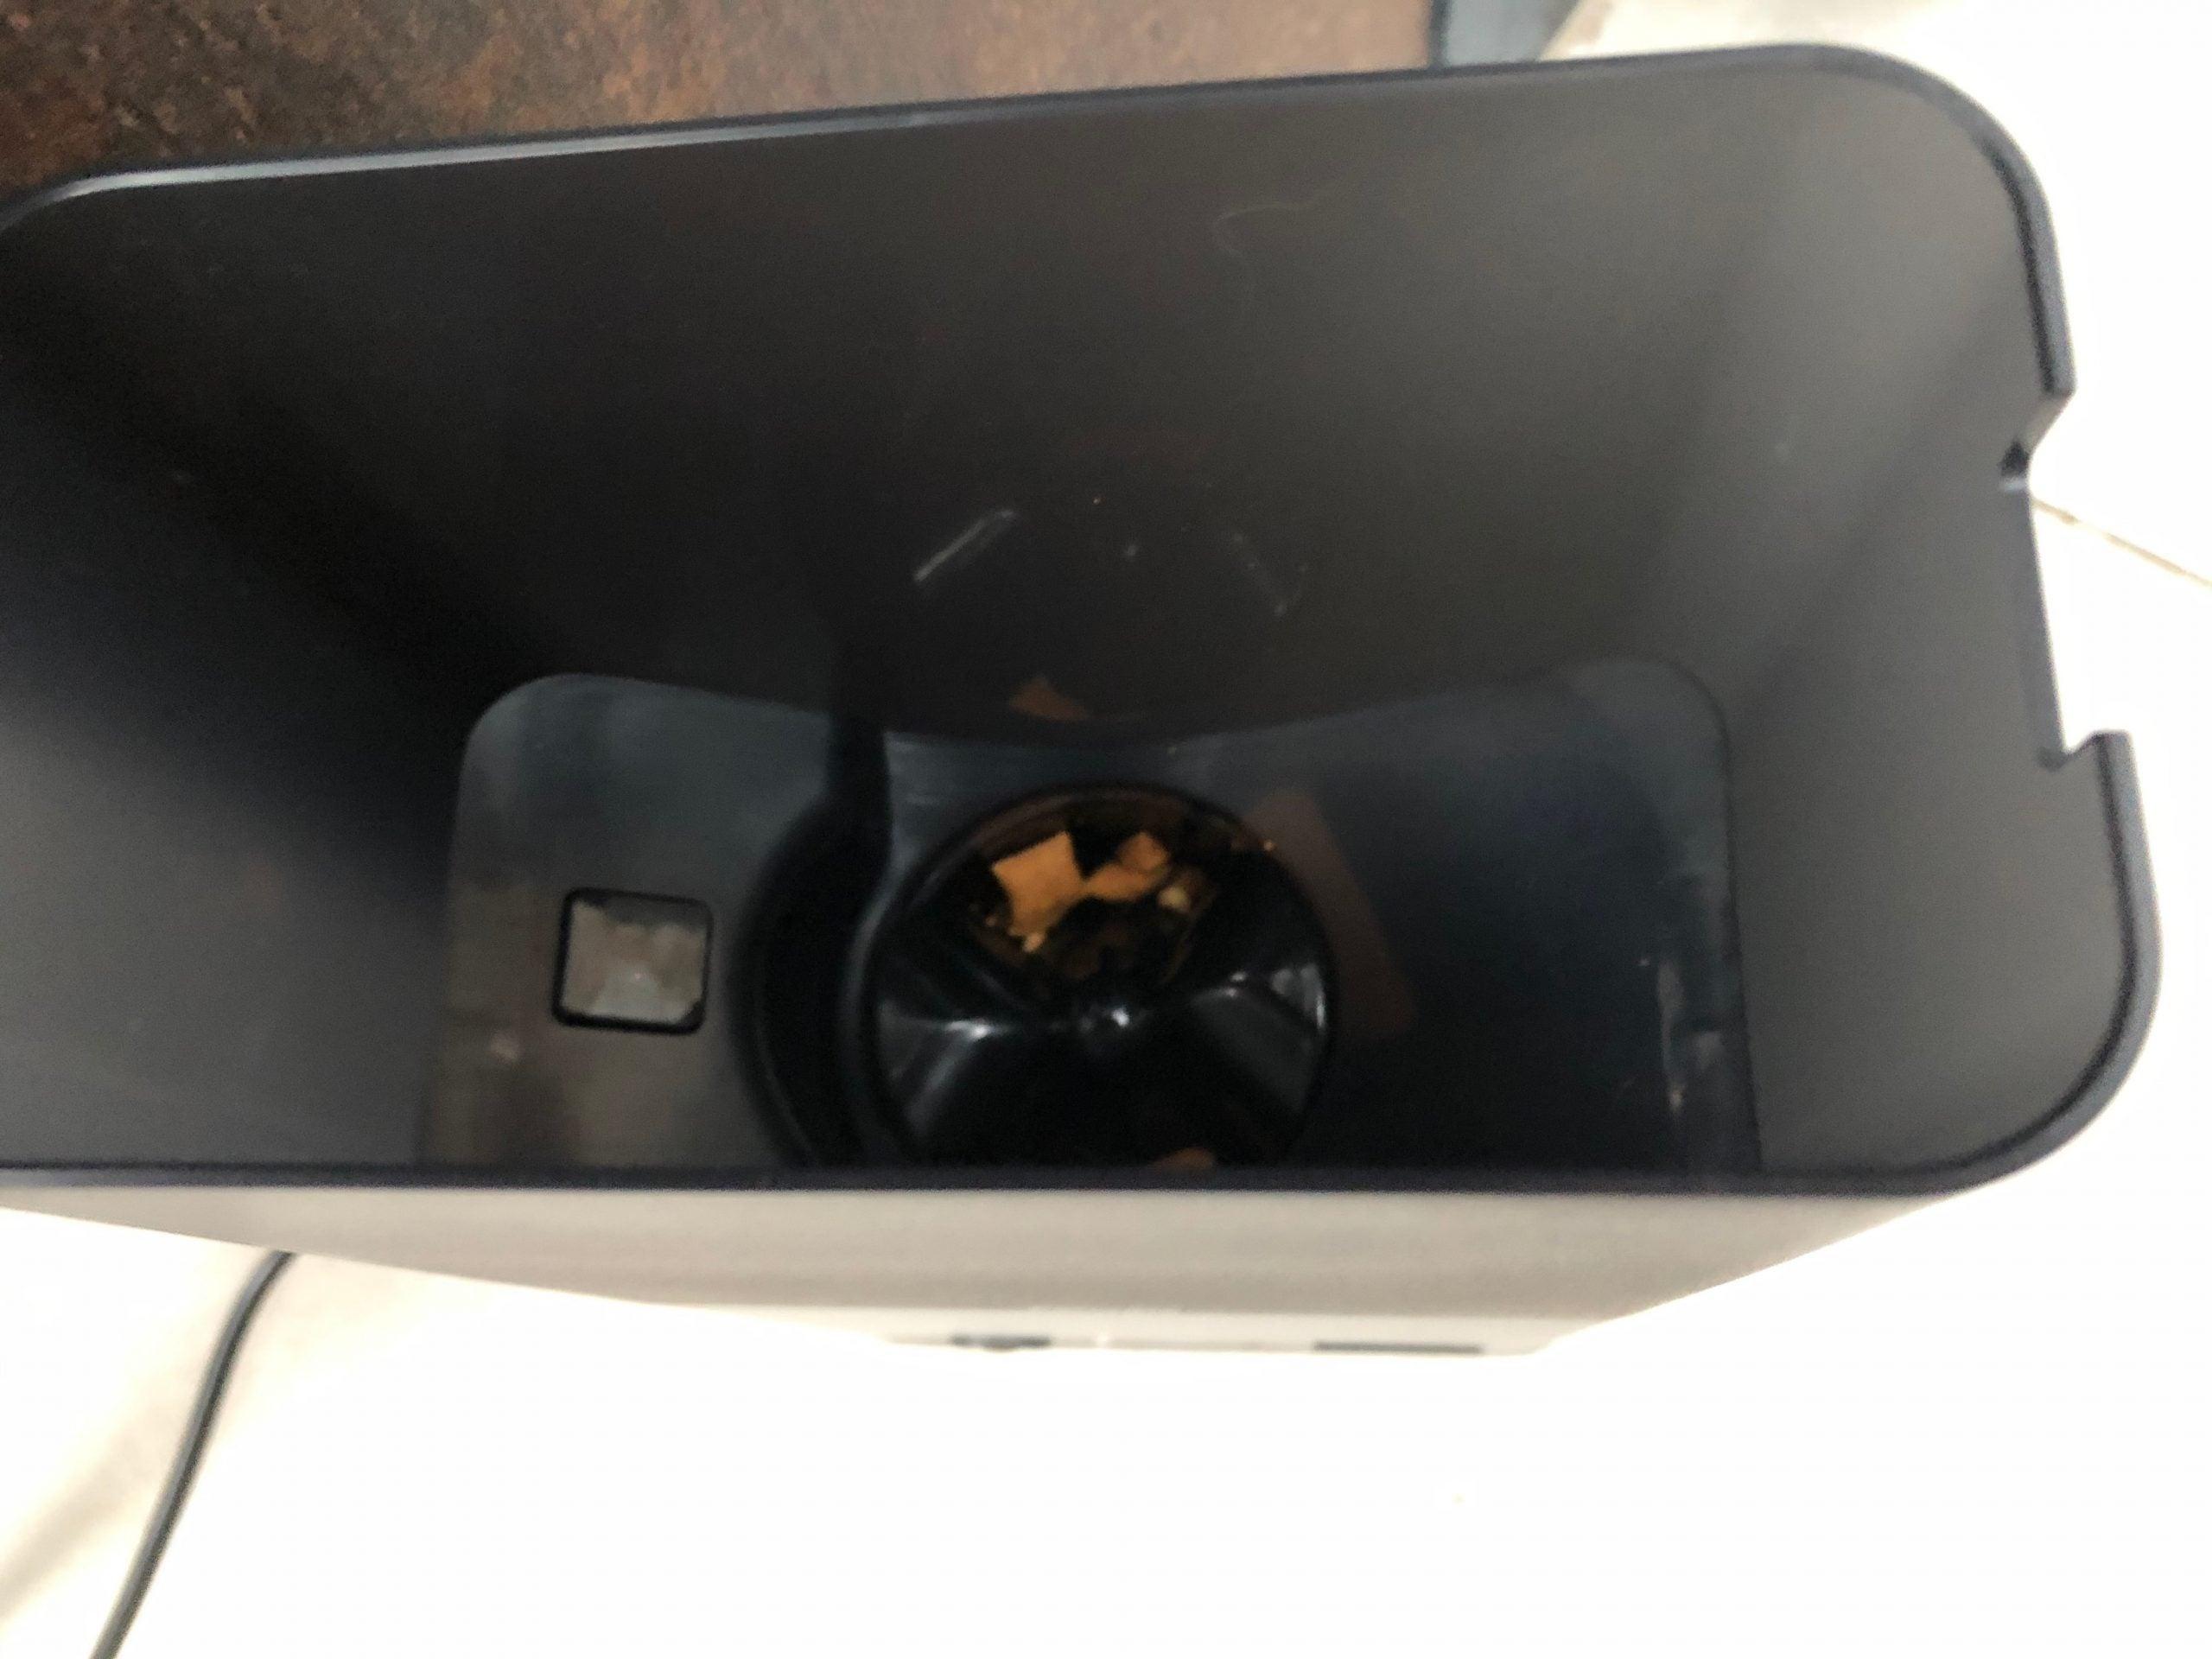 Petcube Bites 2 treat dispenser